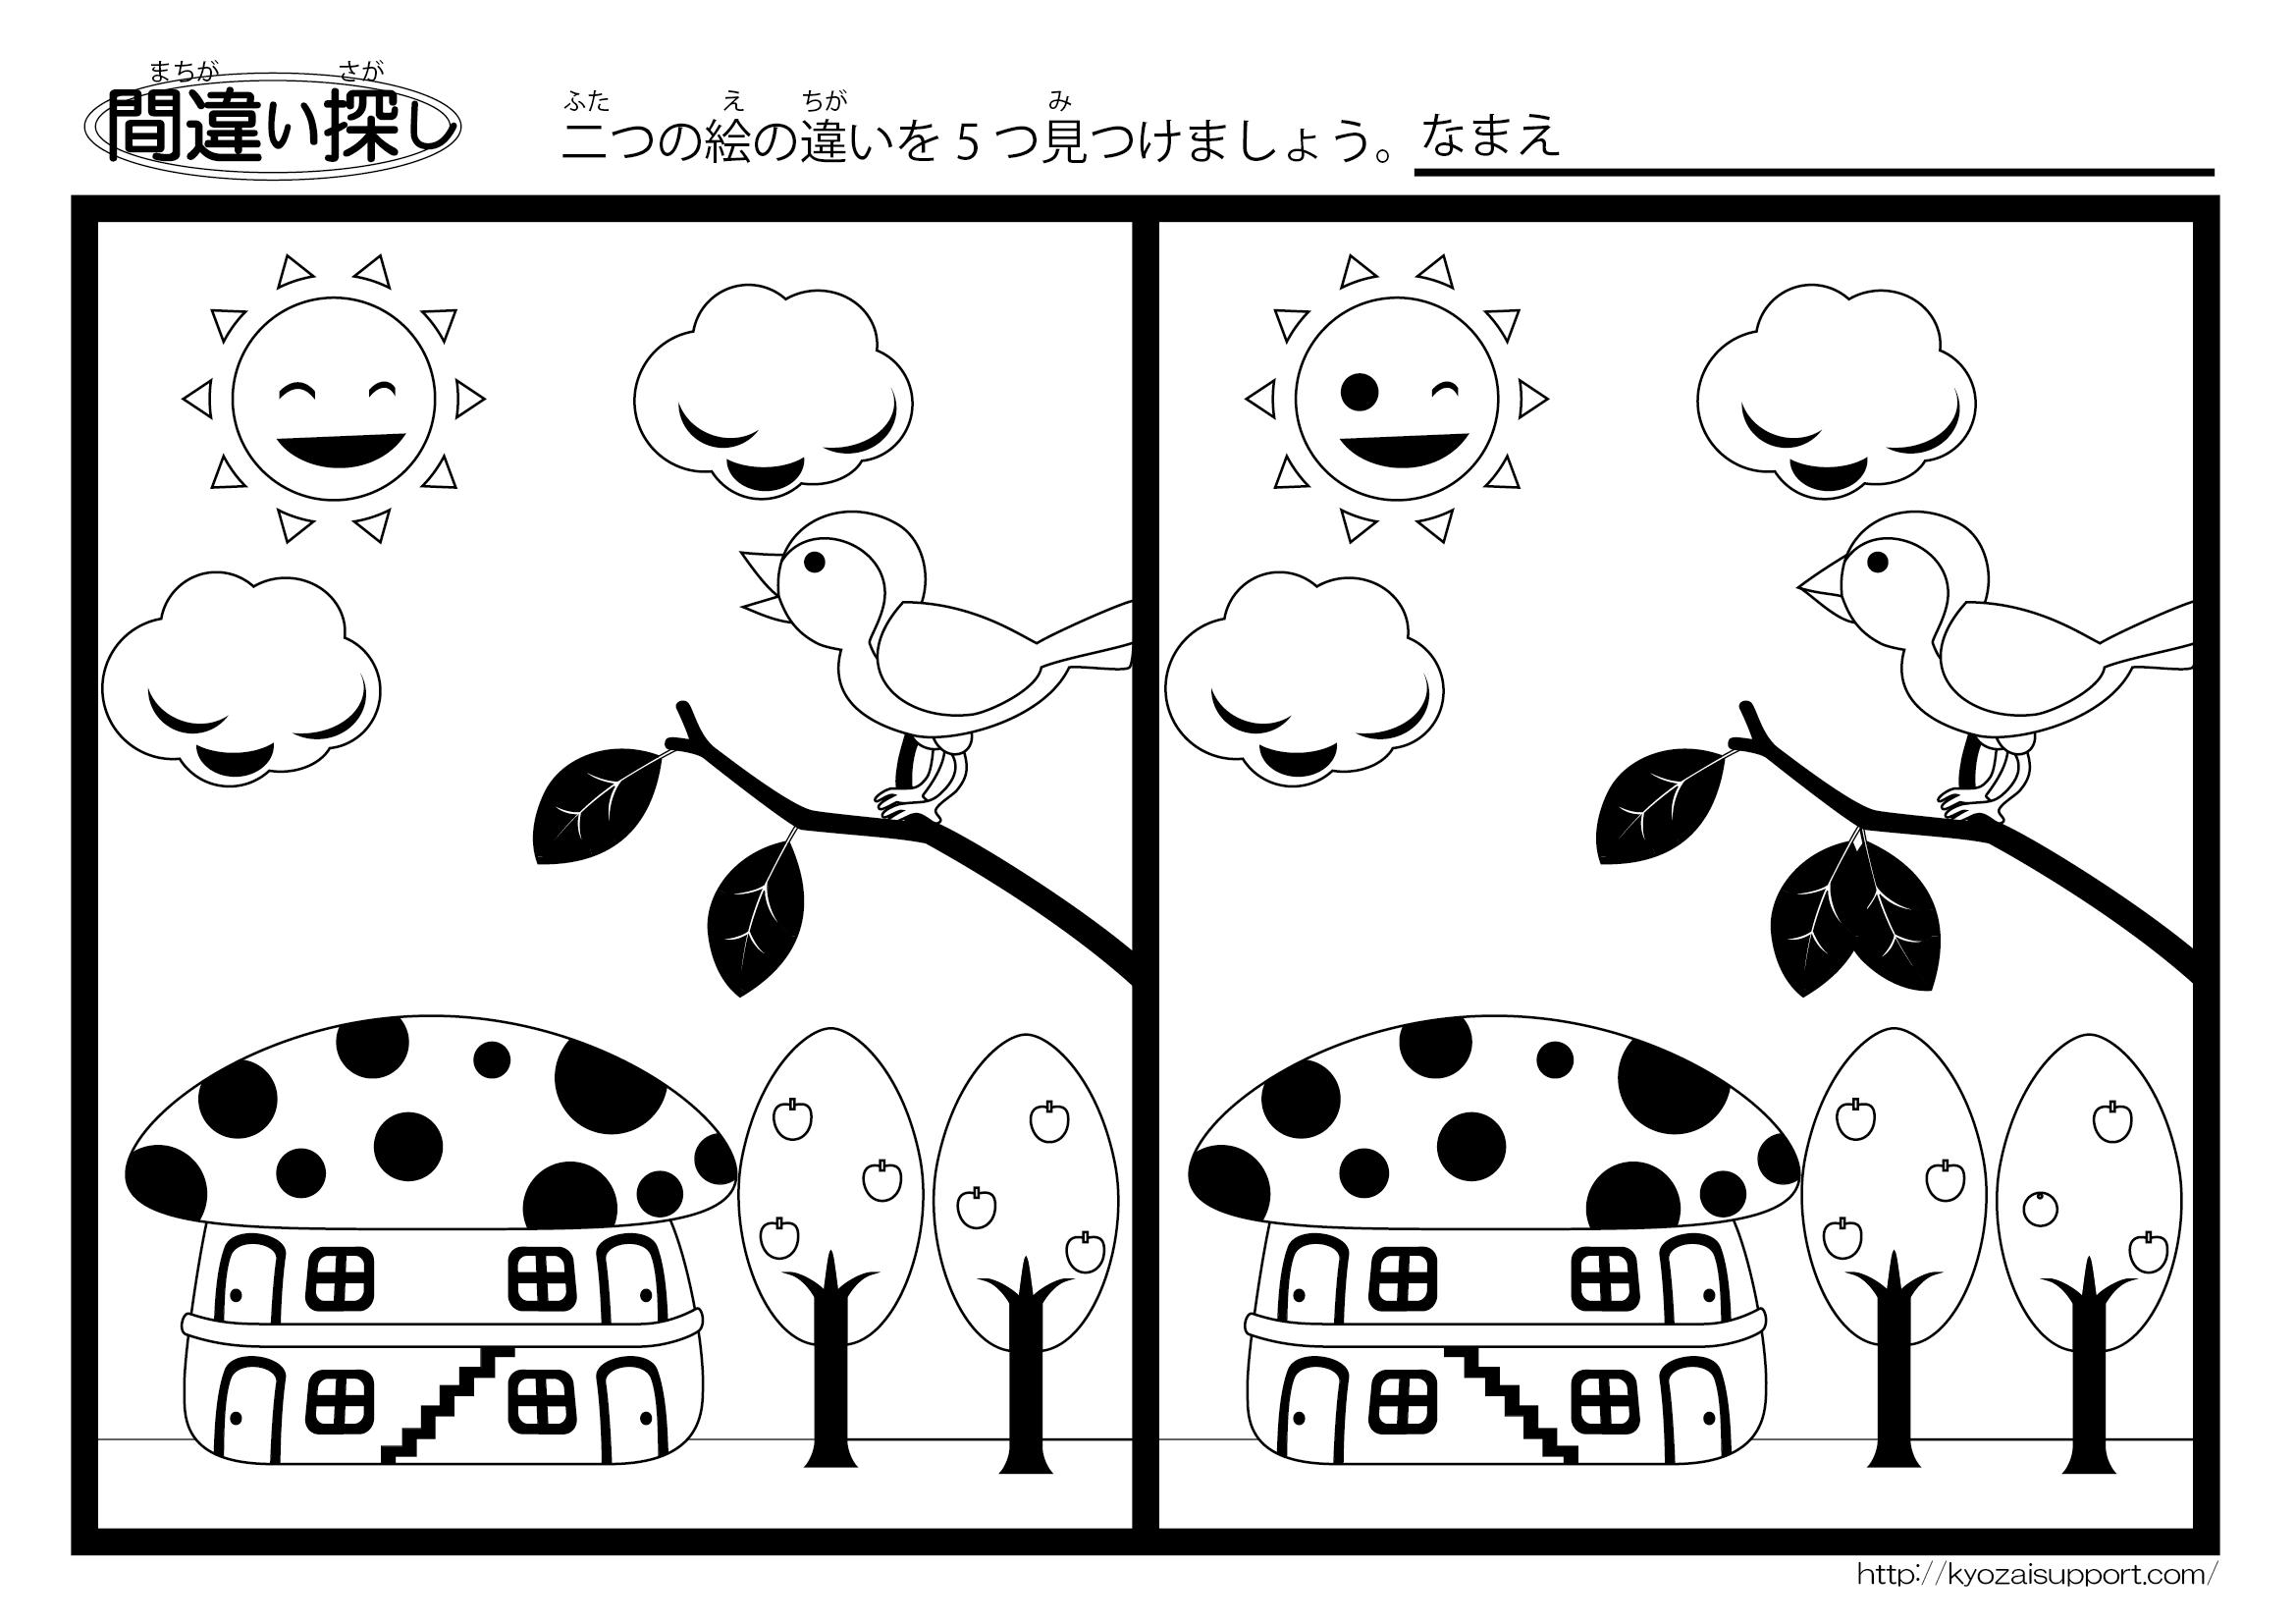 78 : 漢字 勉強 サイト : 漢字